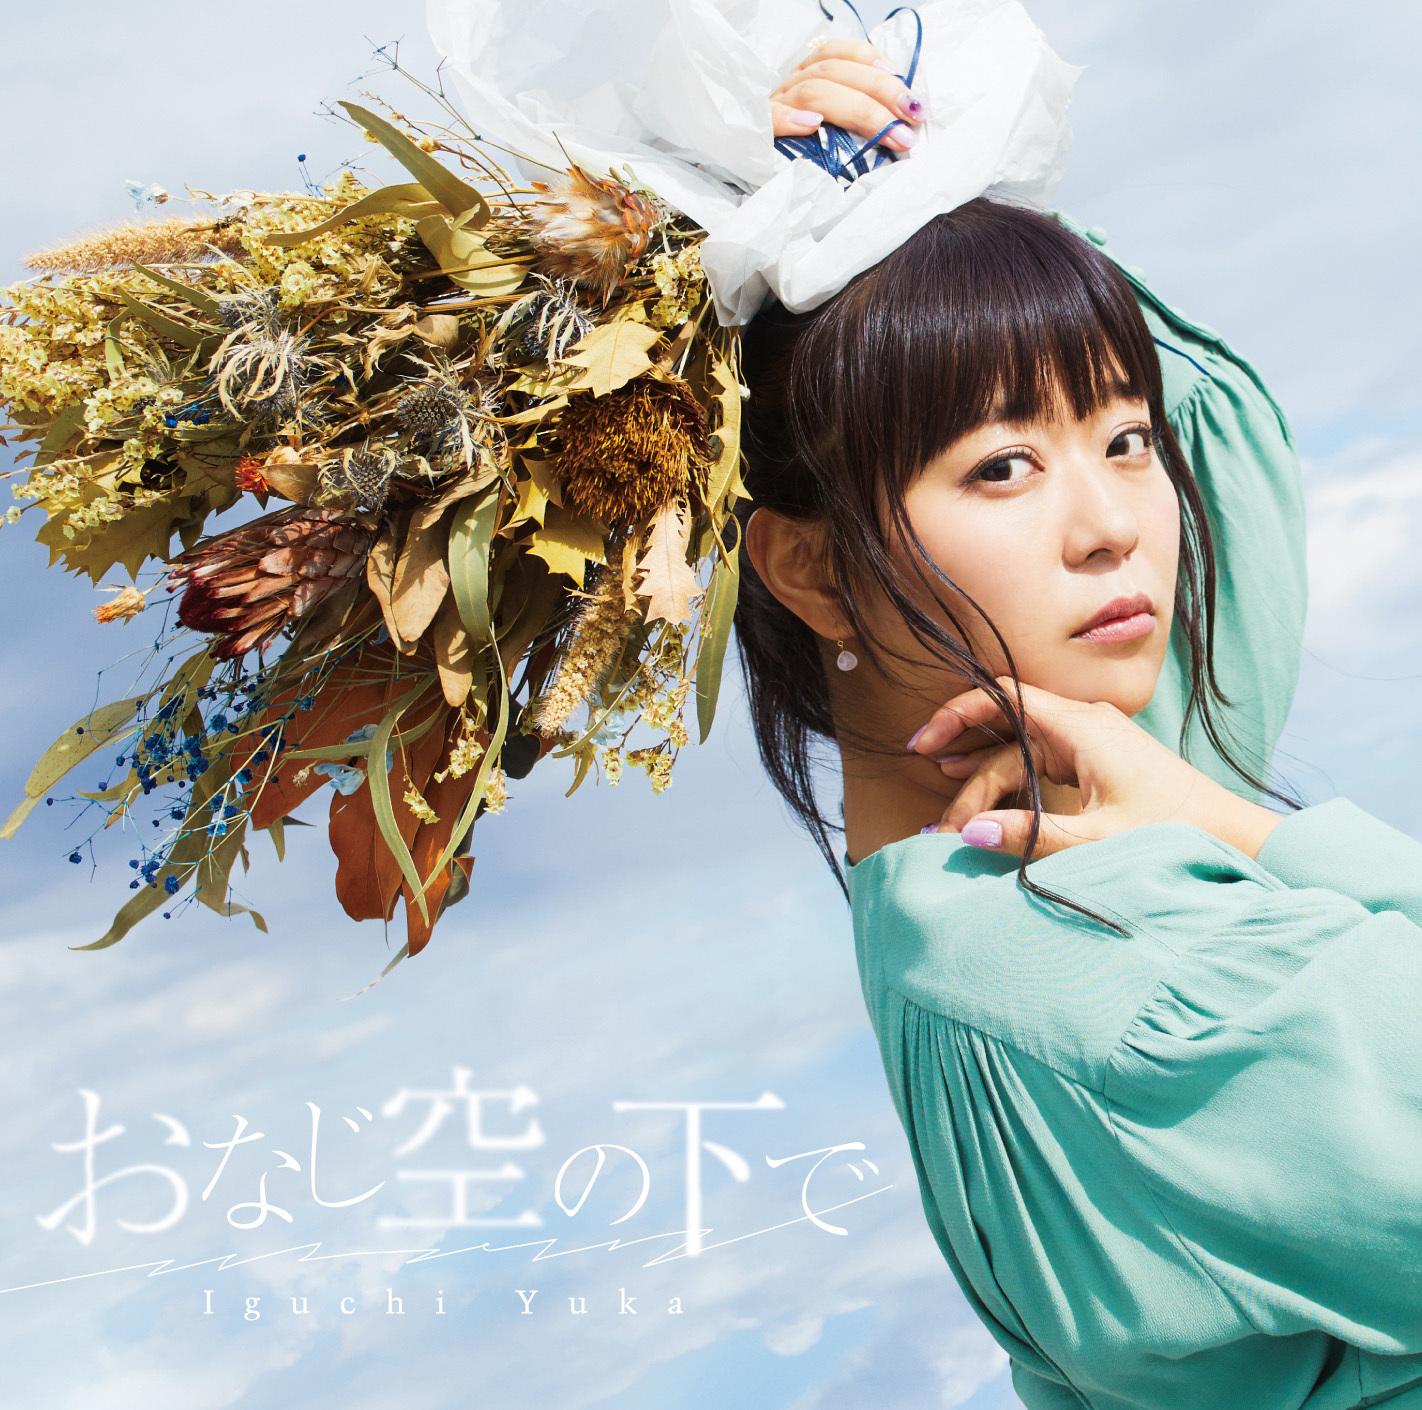 井口裕香「おなじ空の下で」アーティスト盤ジャケット